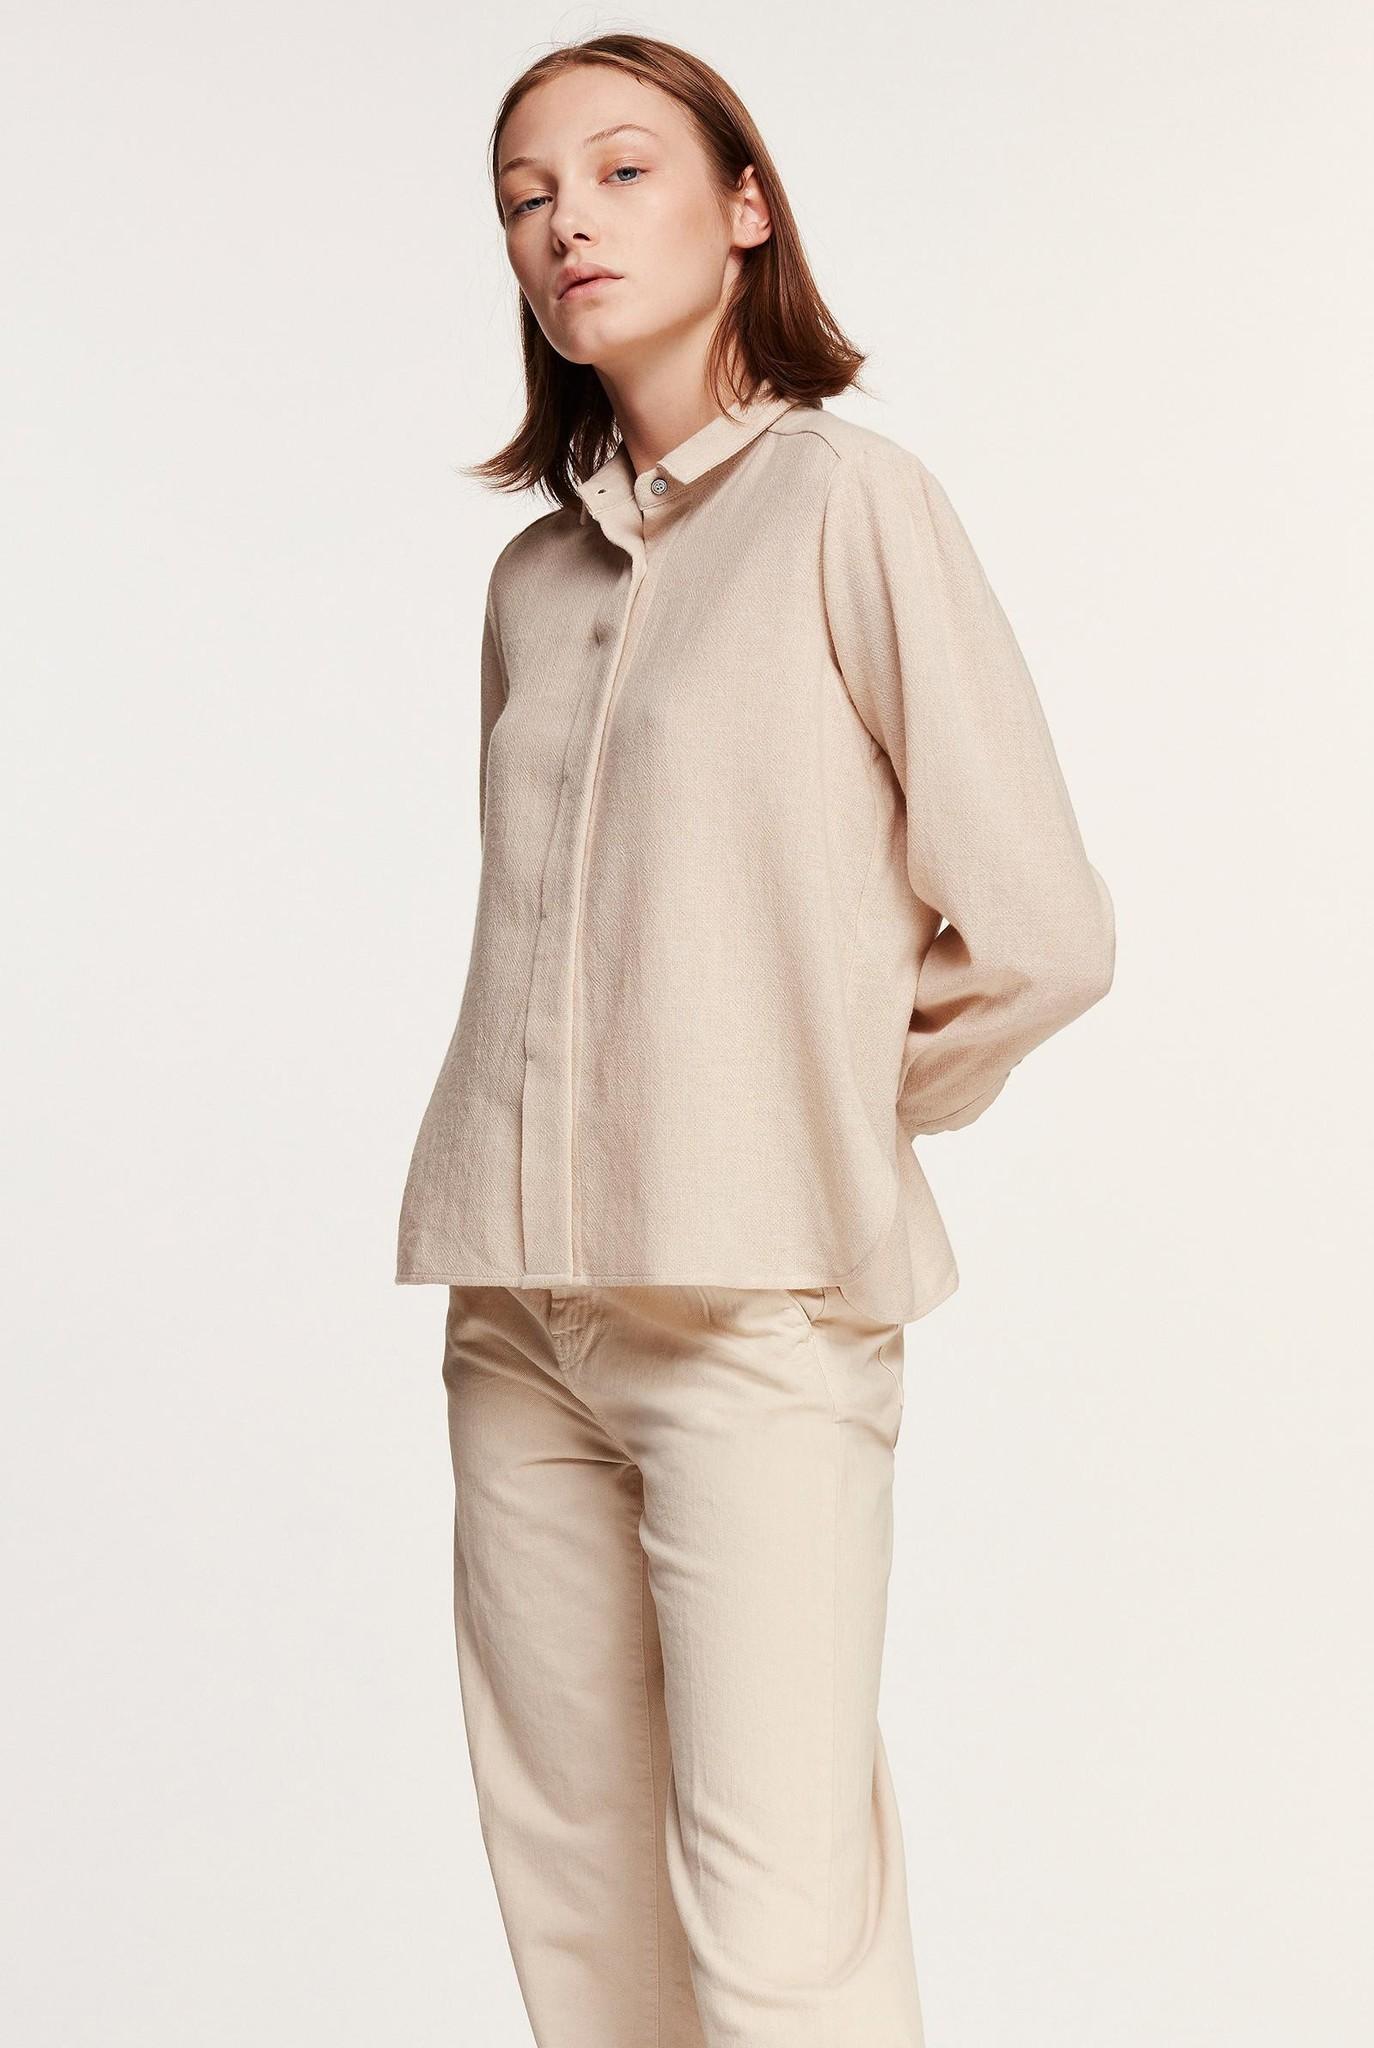 Shirt Wool Blend Sand